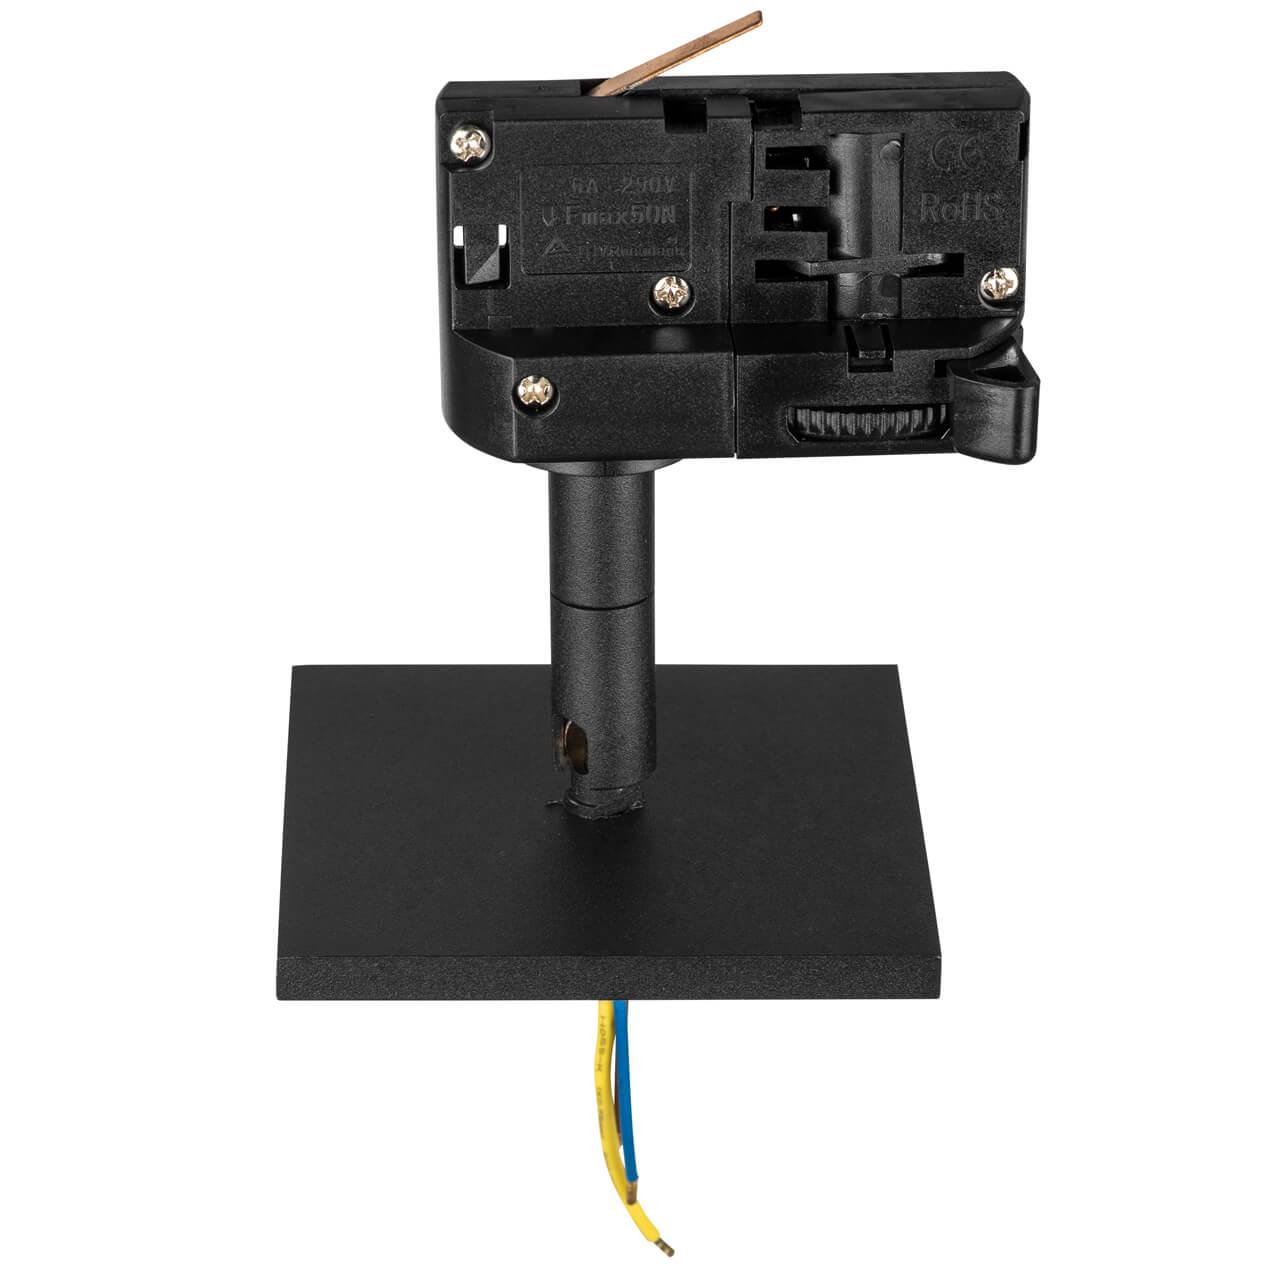 Адаптер для шинопровода Lightstar 594287 Asta (для трехфазного шинопровода)